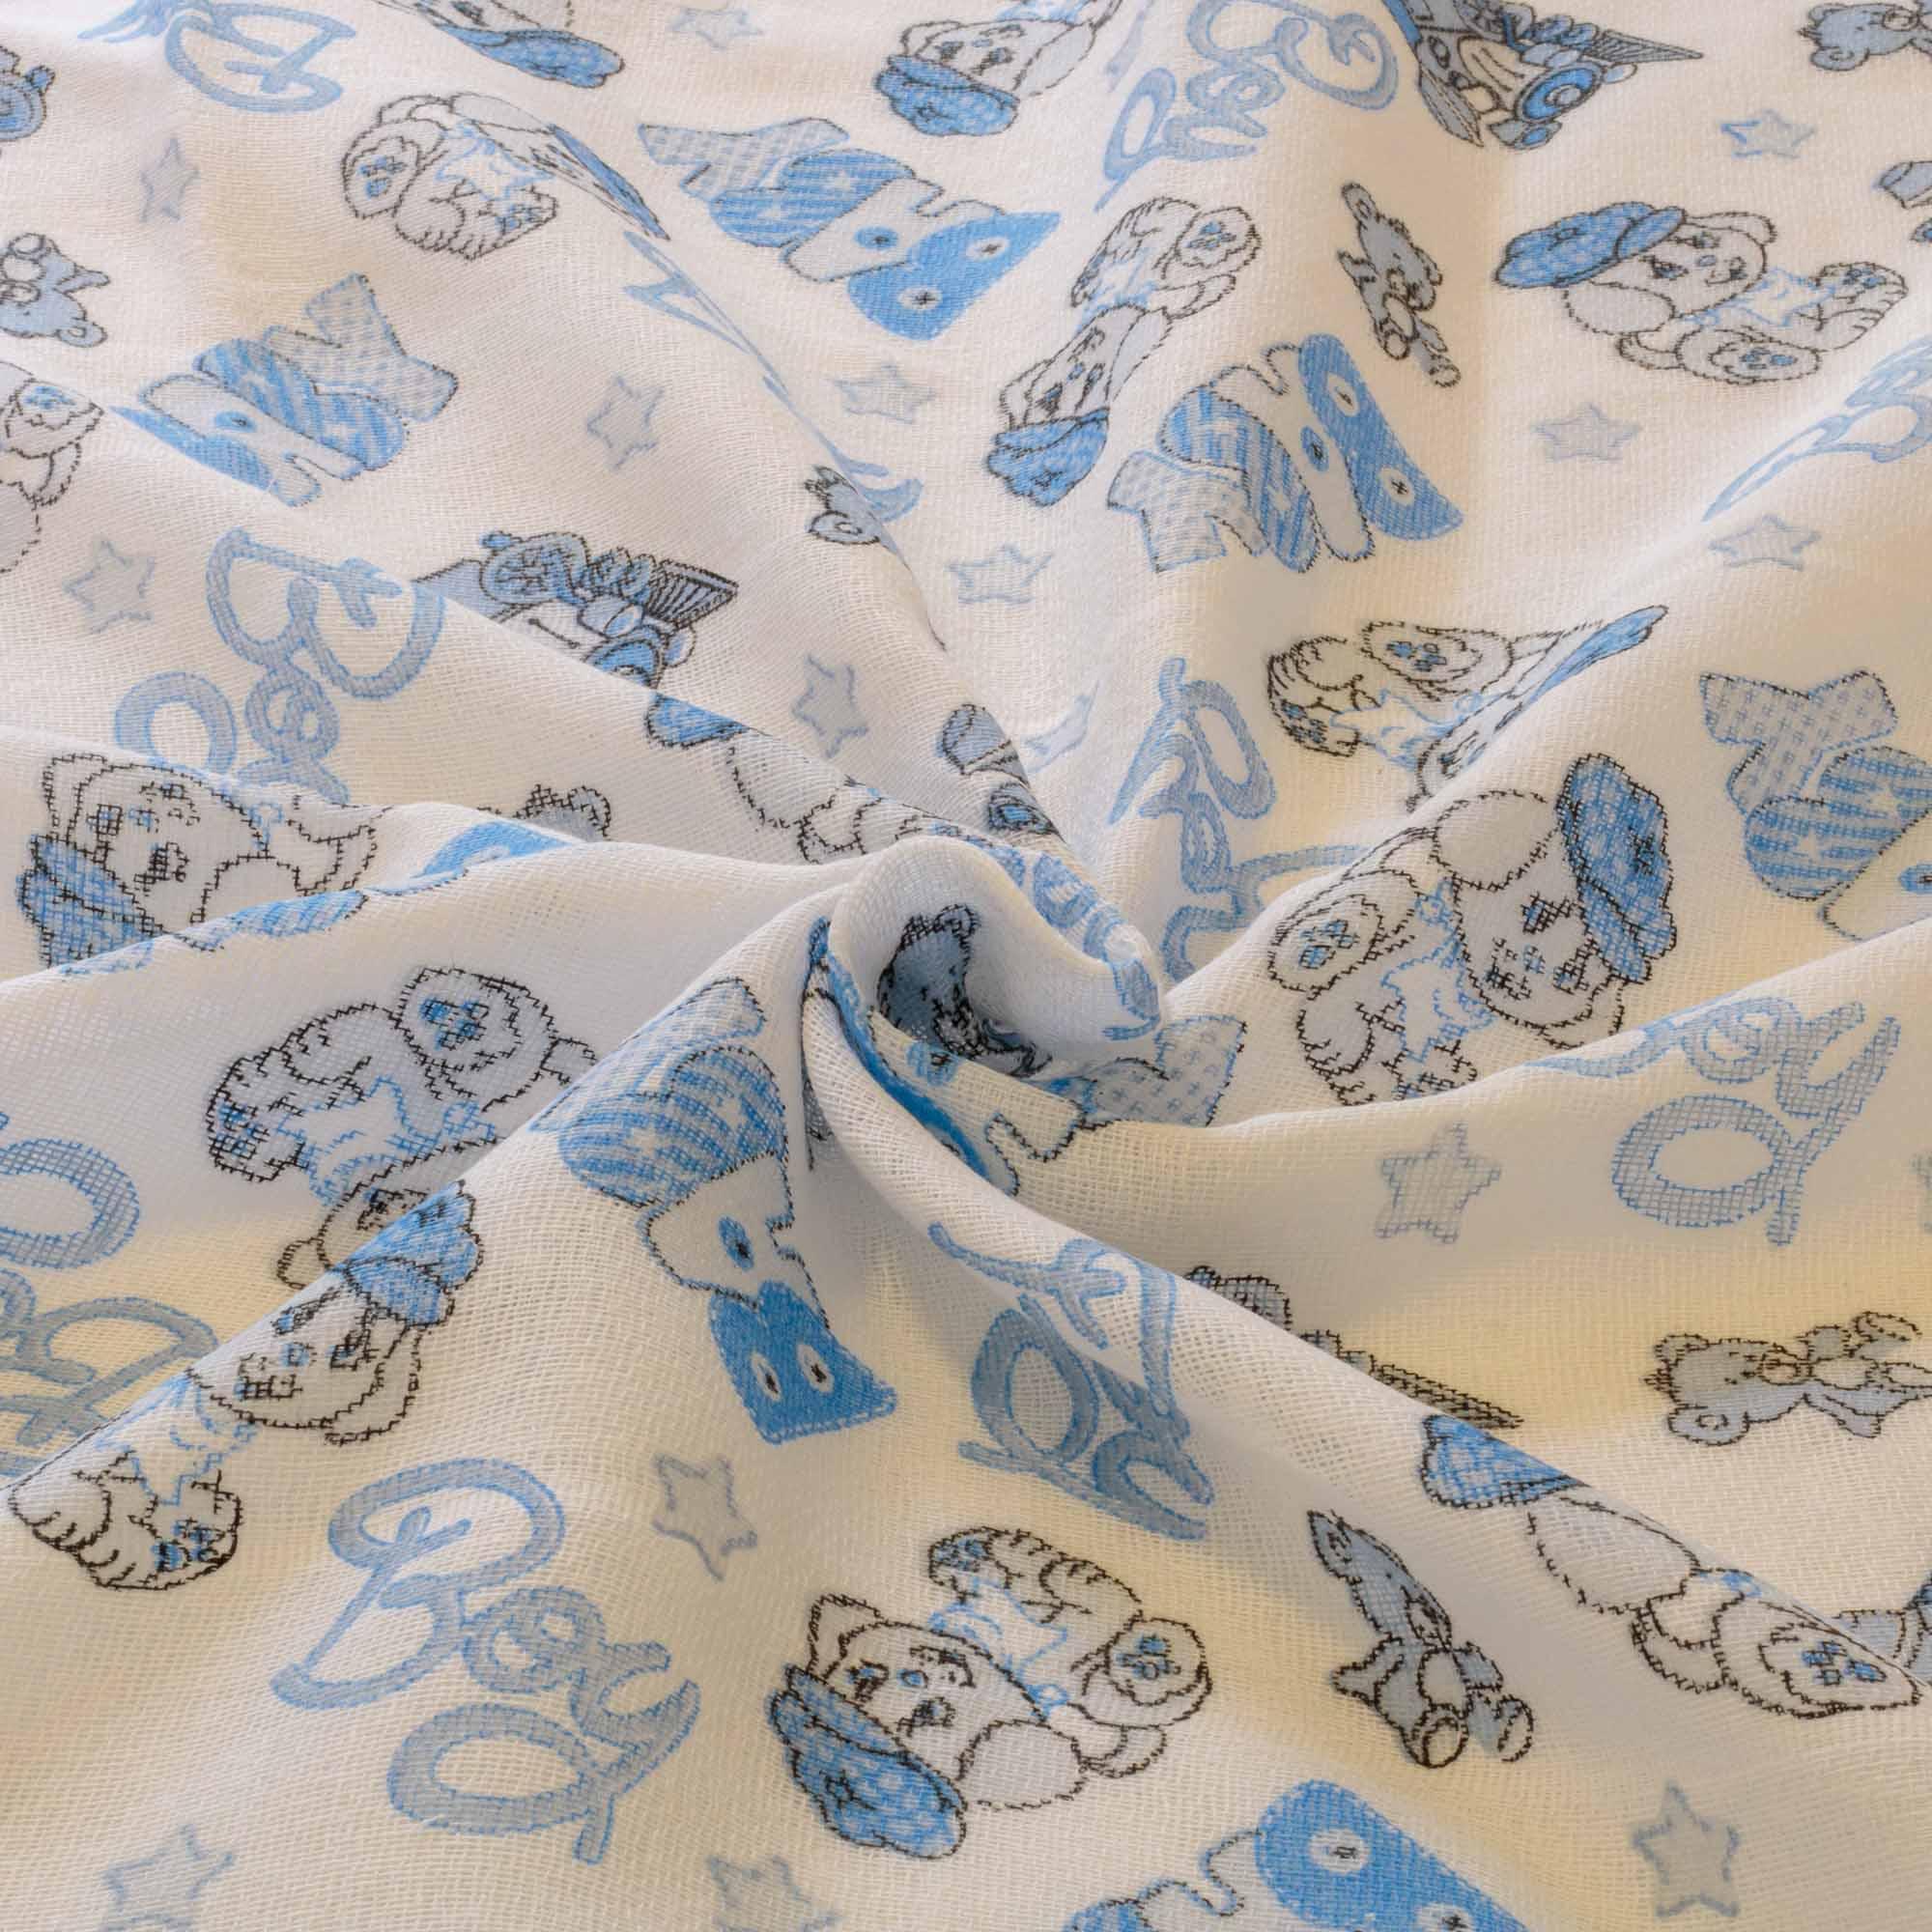 Tecido fralda dupla dohler estampada 70x70 cm 100% algodão azul